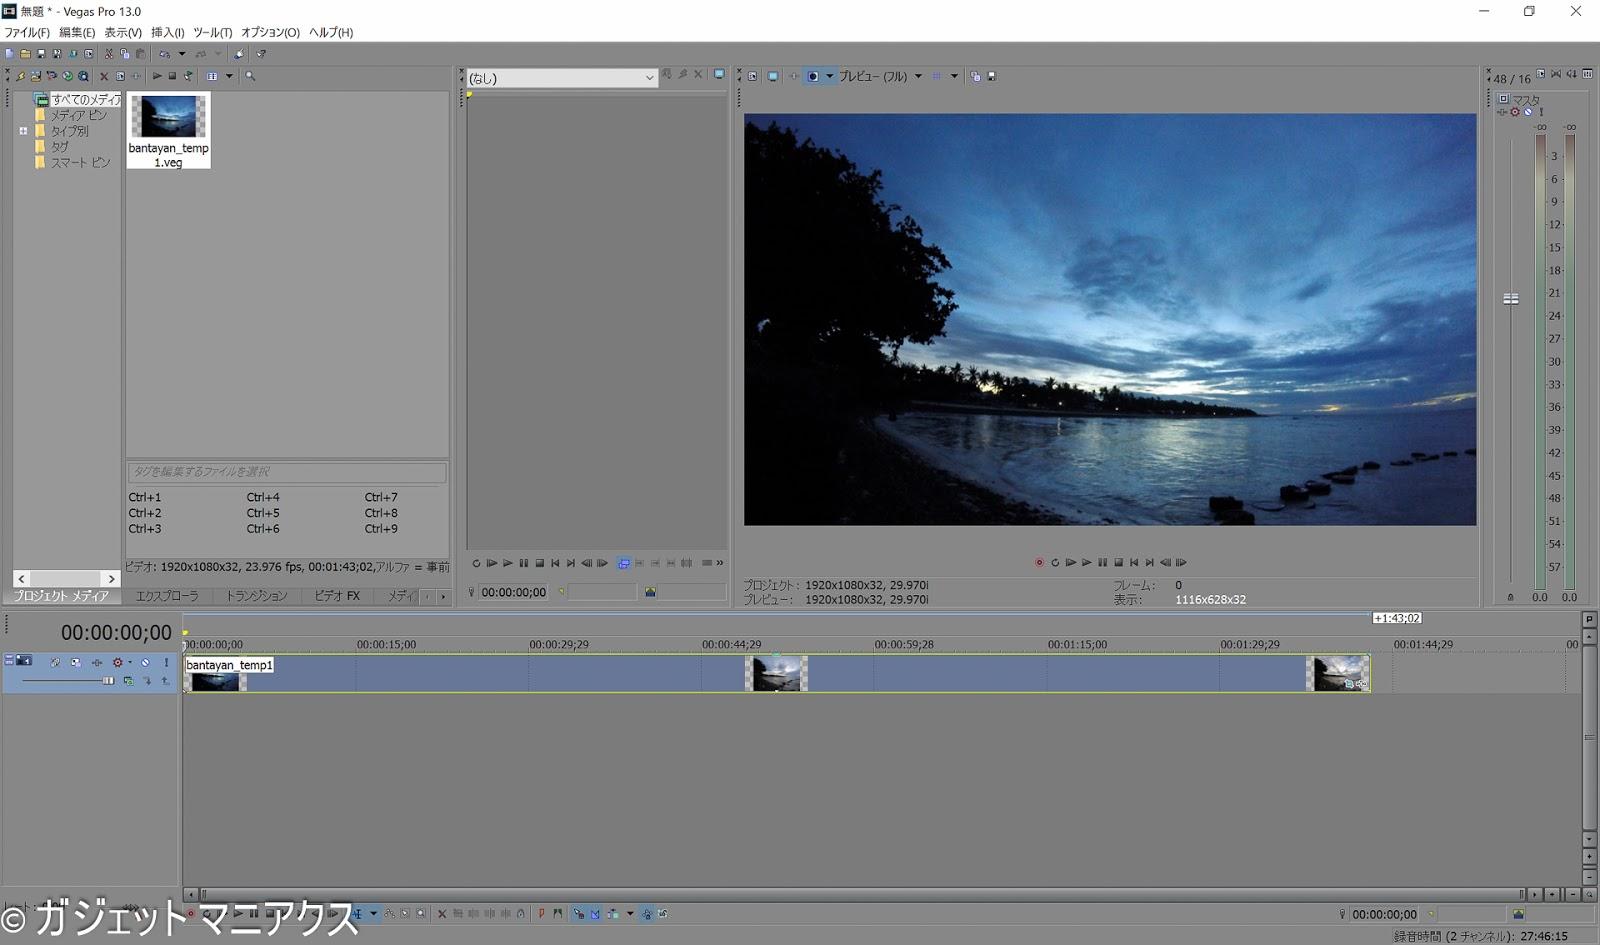 ガジェットマニアクス Vegas Proを使ったタイムラプス動画の作り方